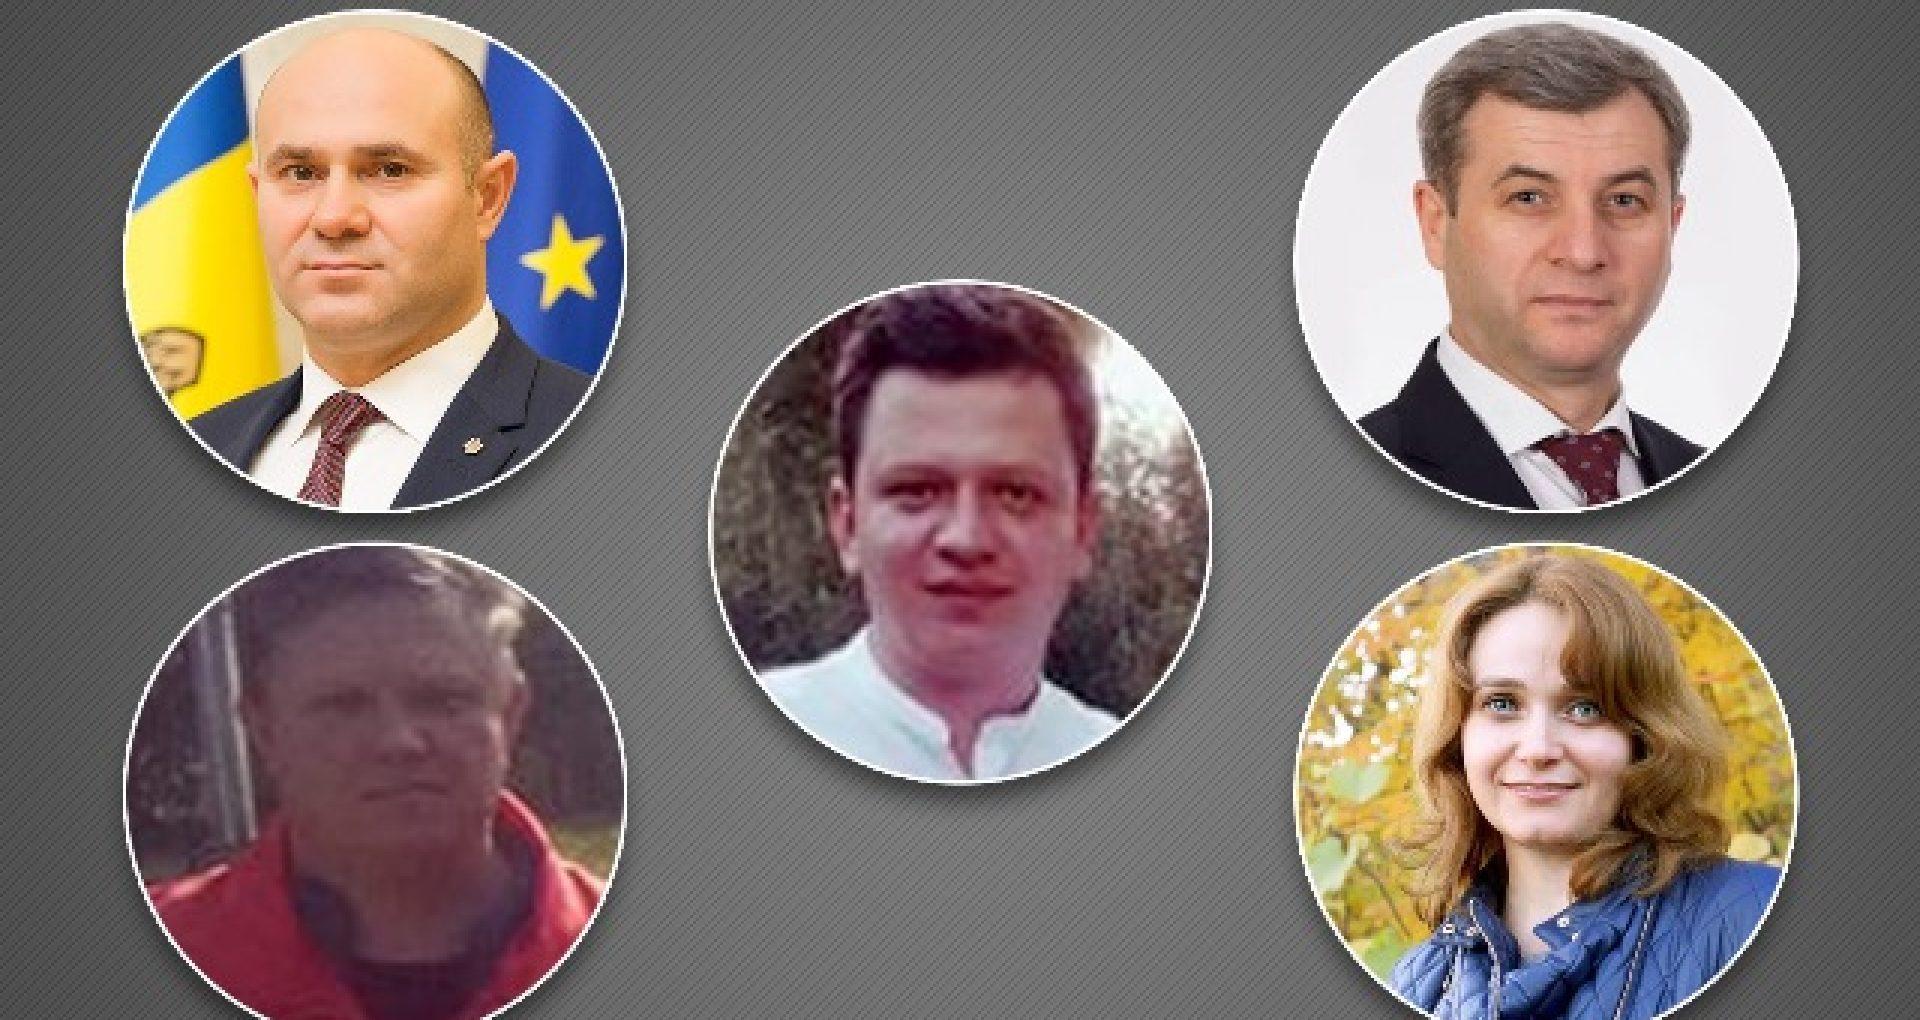 DOC/ Pedeapsa primită de nepotul deputatului Furculiță în dosarul în care au fost interceptați actualul ministru de Interne, Pavel Voicu și liderul Socialiștilor din Parlament